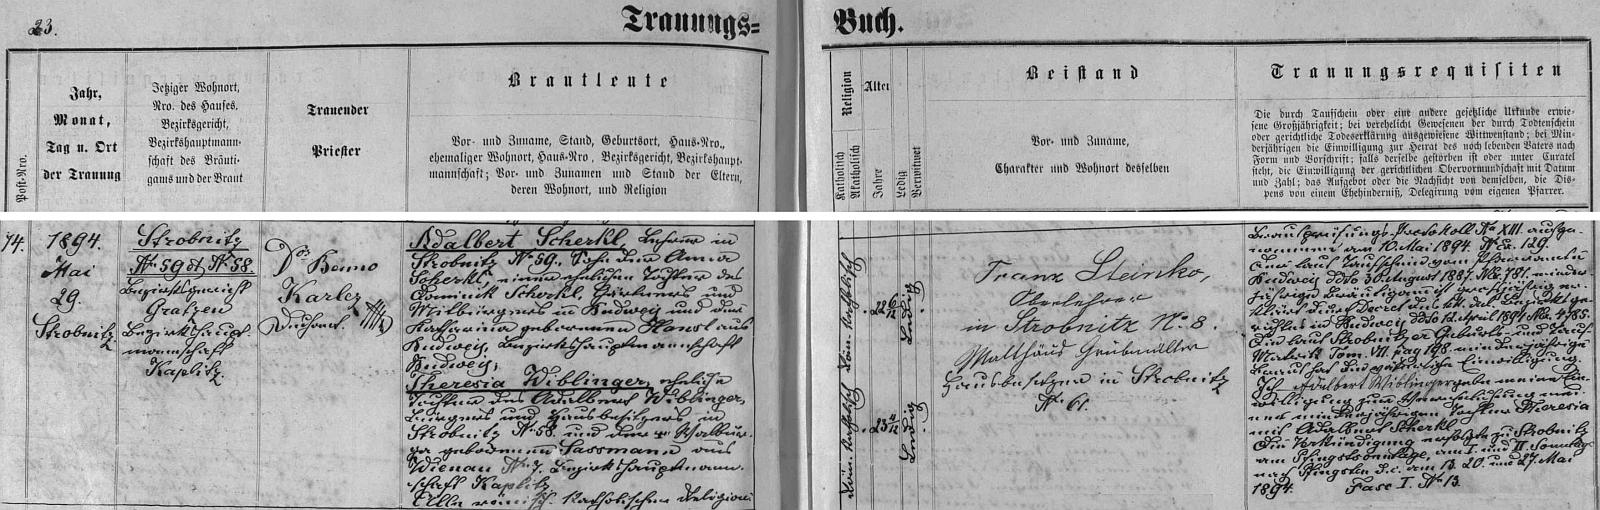 Záznam o jeho svatbě v Horní Stropnici v tamní oddací matrice